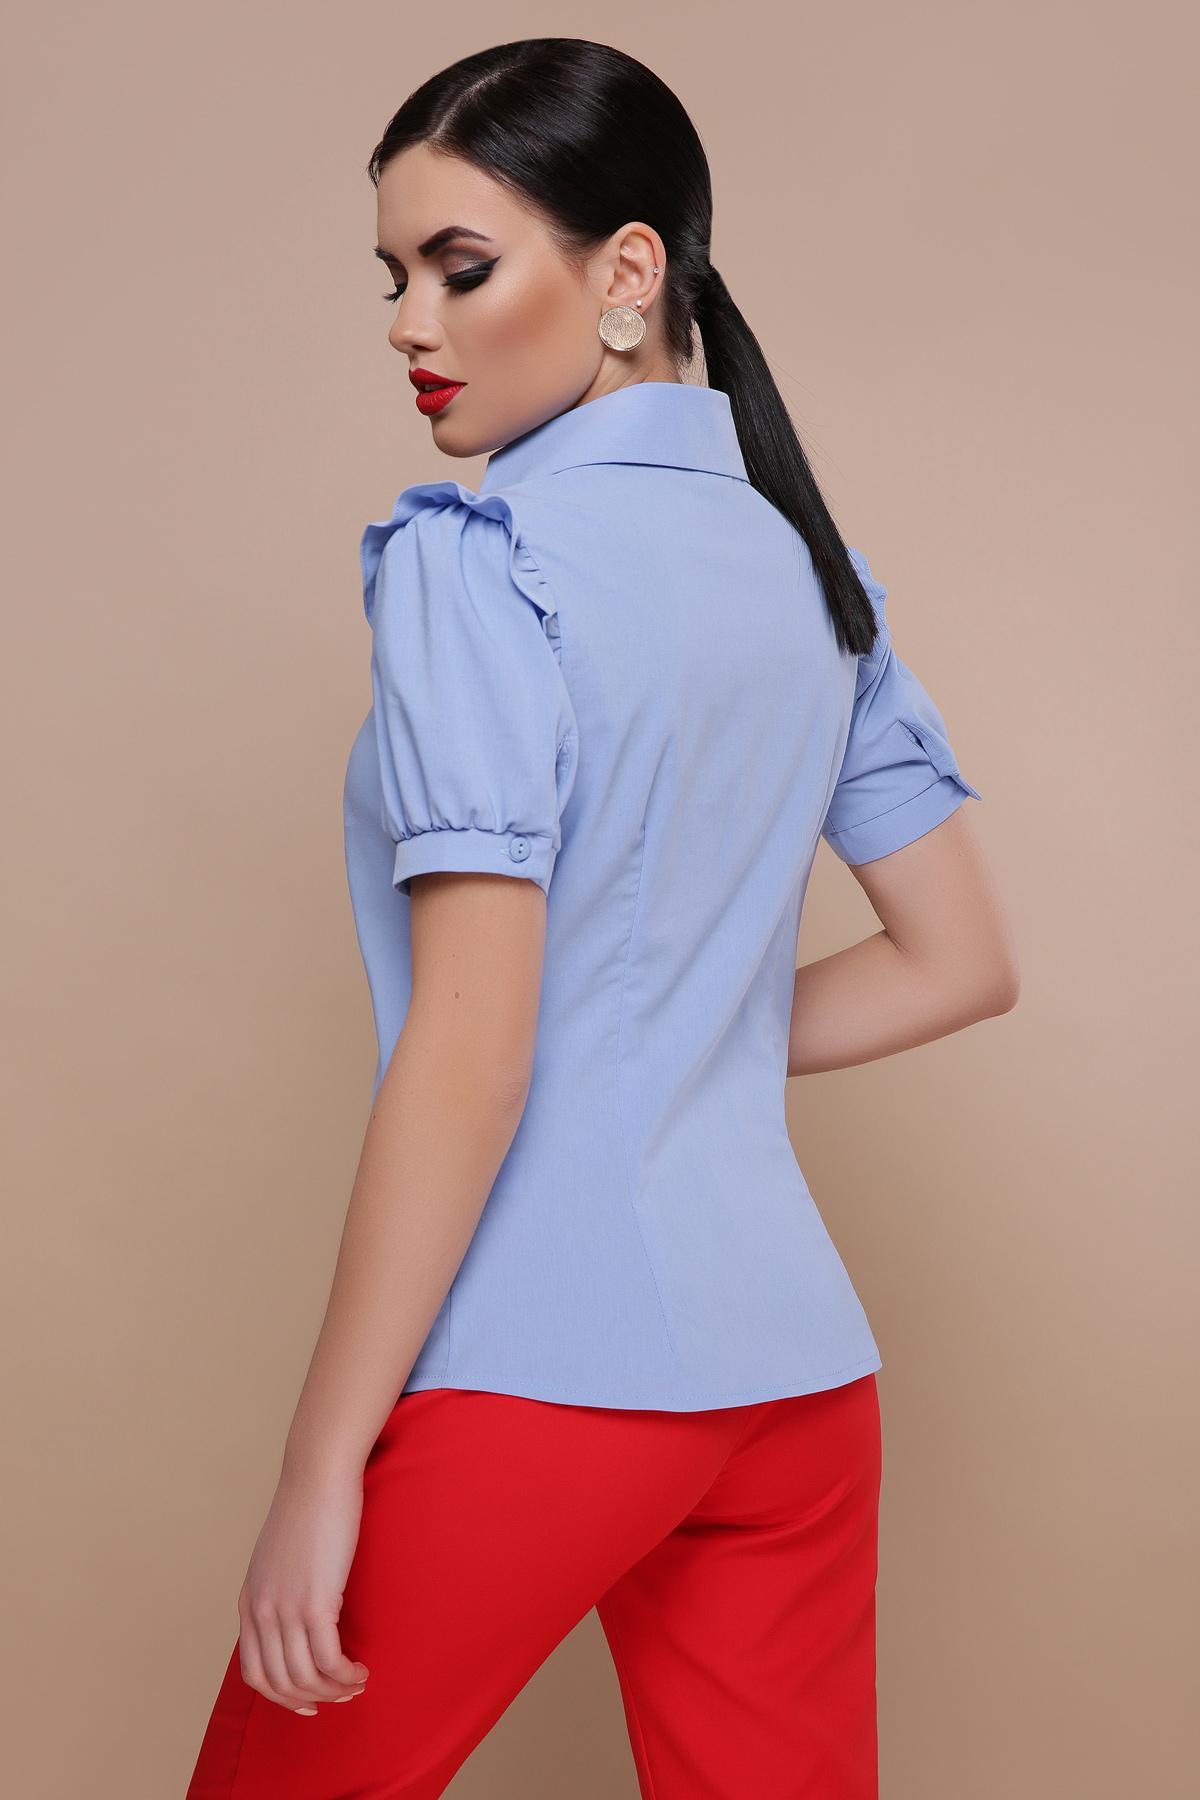 d355bb05cd7 Цвет  голубой купить  голубая блузка с рюшами. блуза Маргарита к р. Цвет  голубой  цена